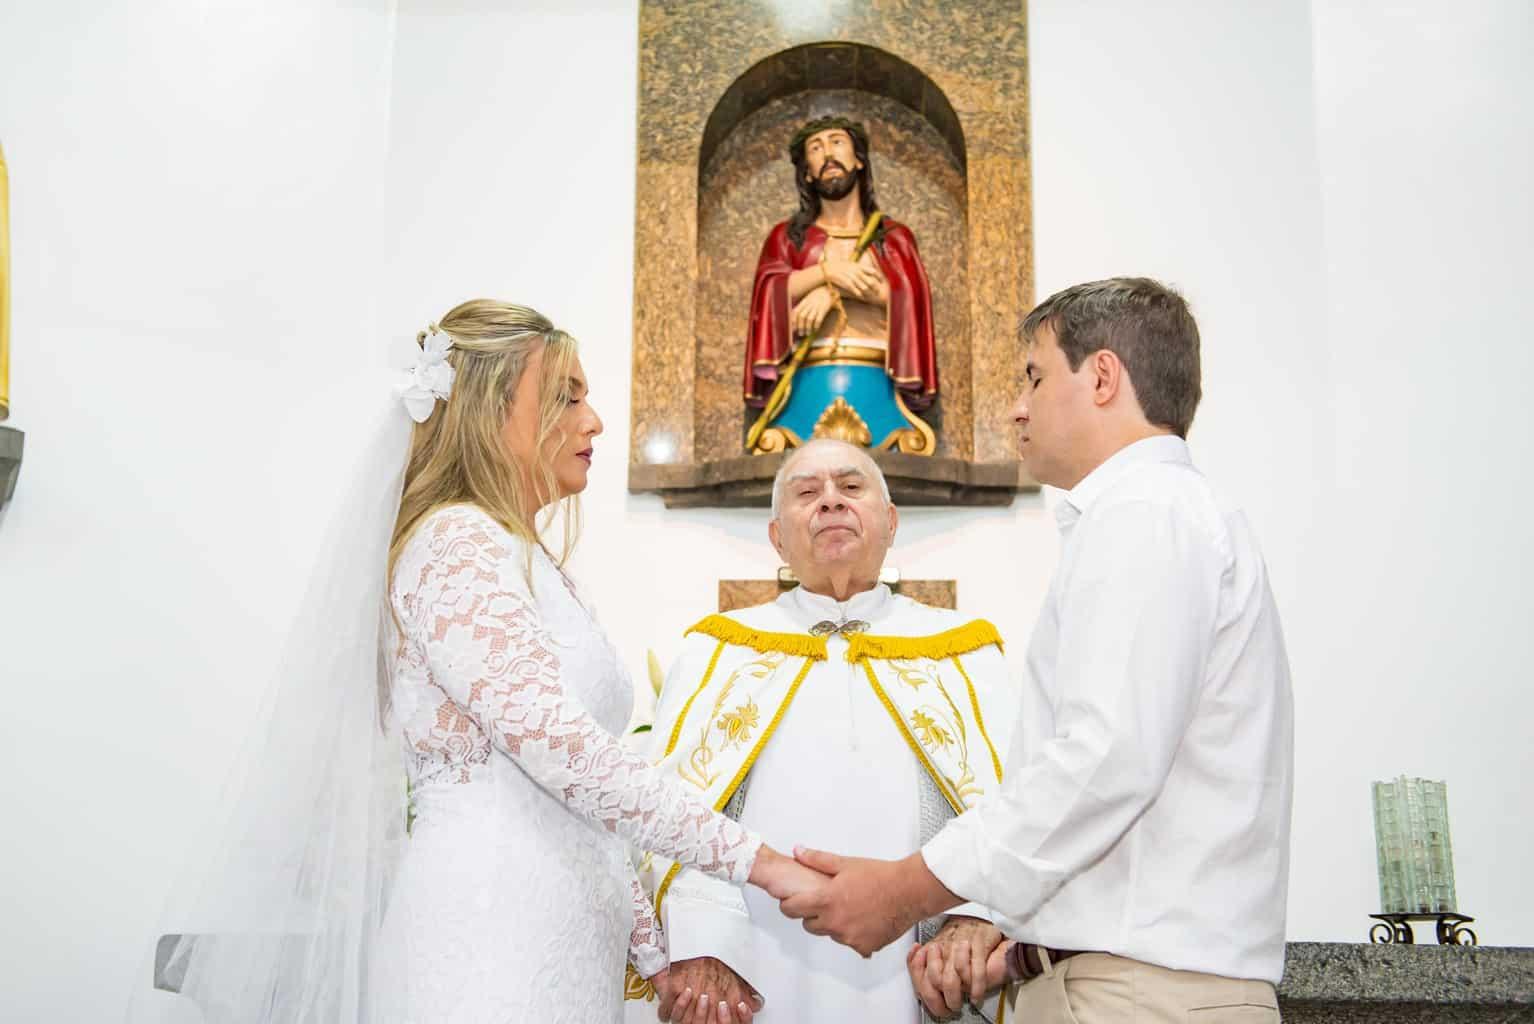 Capela-Santo-Cristo-dos-Milagres-casamento-religioso-Casamento-Roberta-e-Angelo-cerimonia-na-igreja-Danielle-Loureiro68